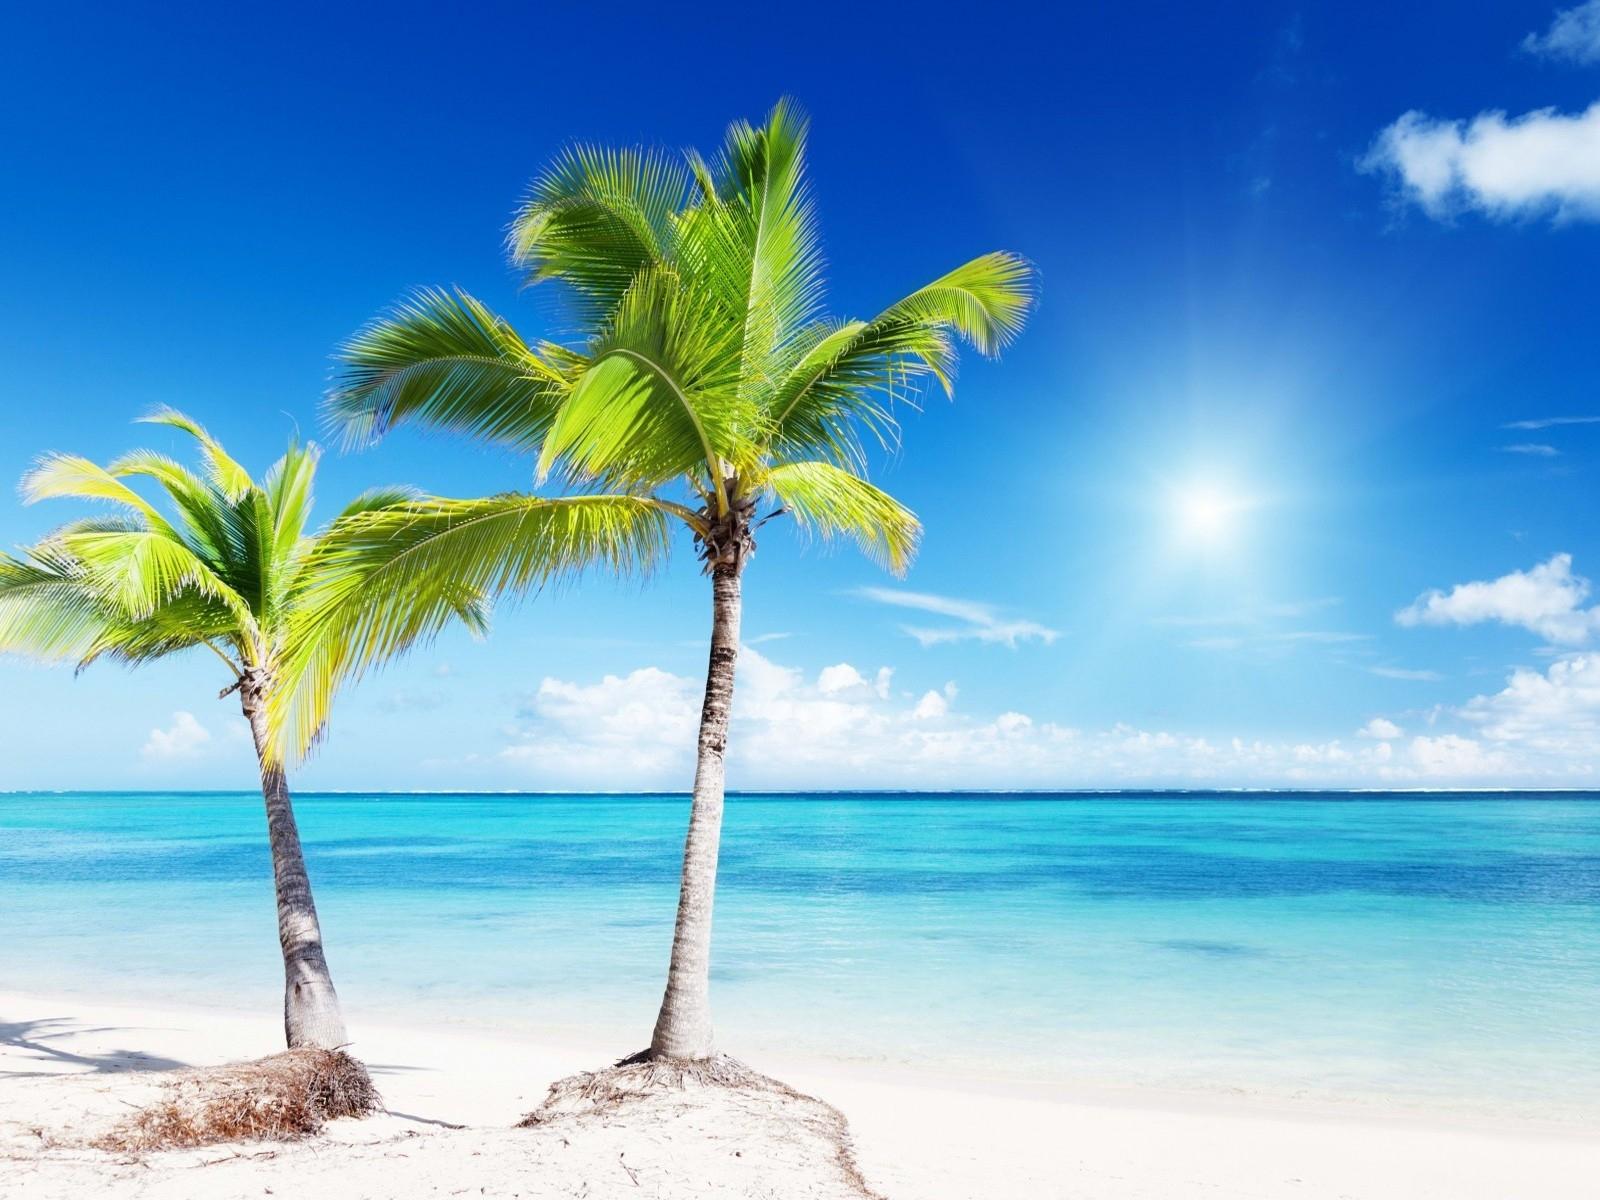 beach: palm trees two beach sea tropical iphone wallpaper tumblr